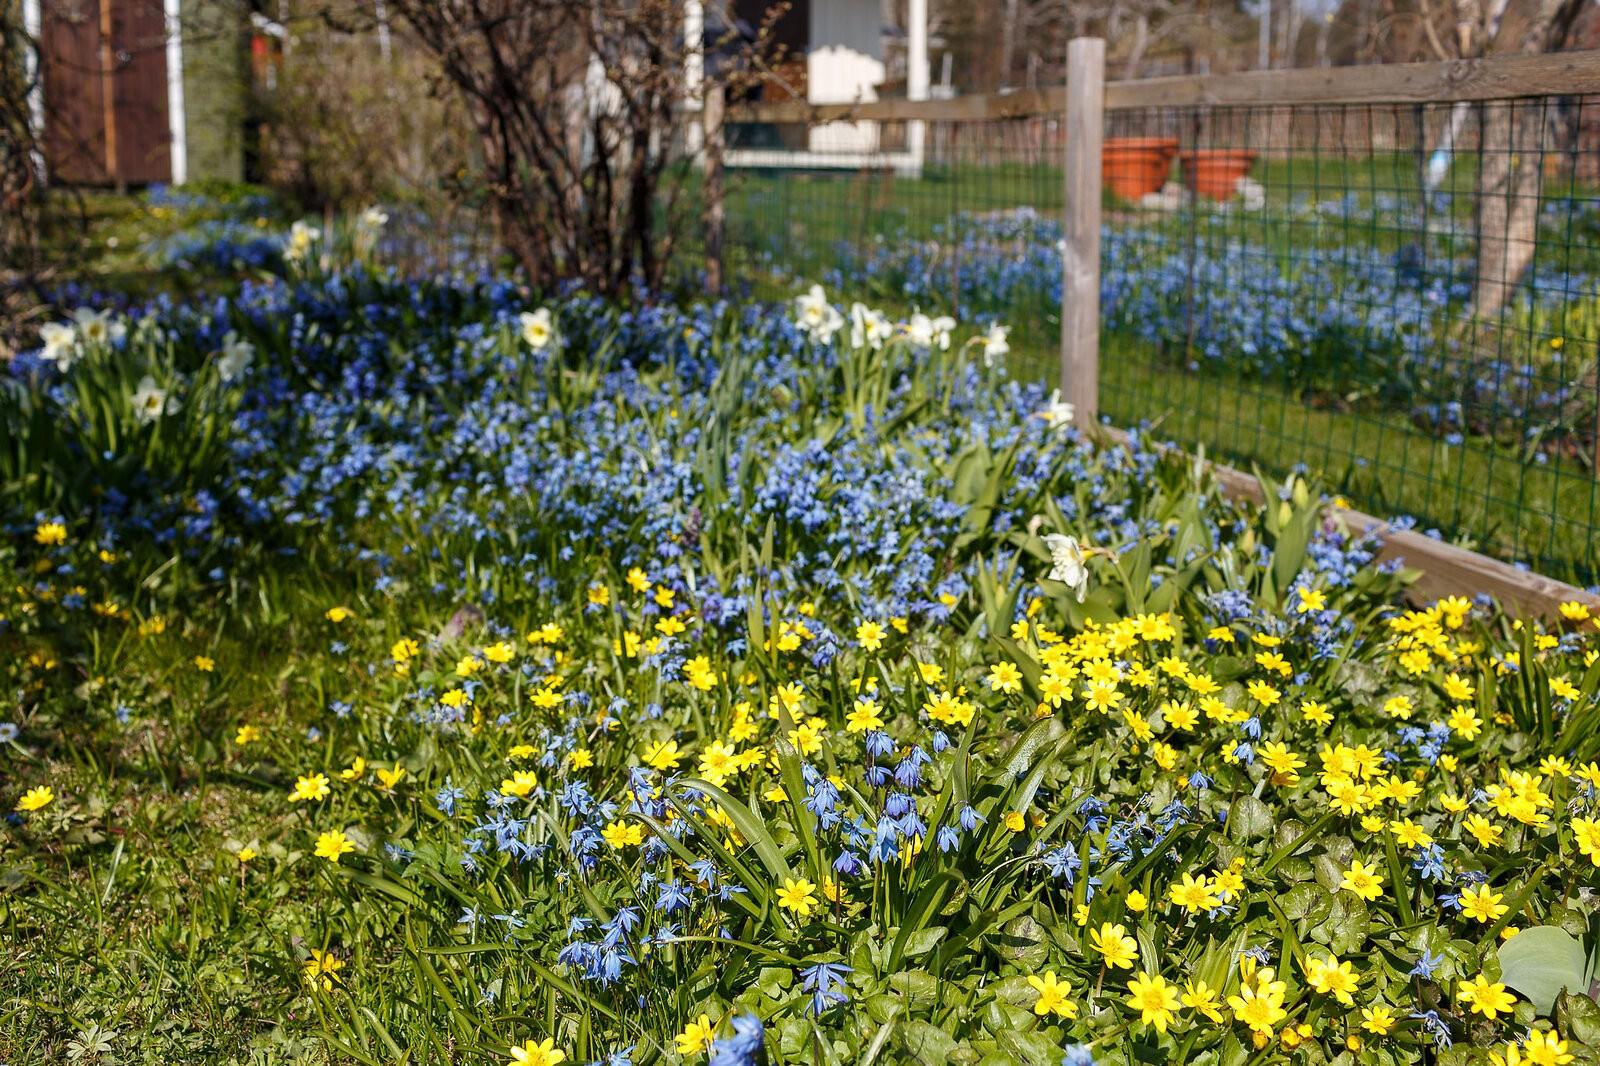 garden_2547_Canon_EOS_5D_Mark_III_EF35mm_f-1.4L_USM.jpg